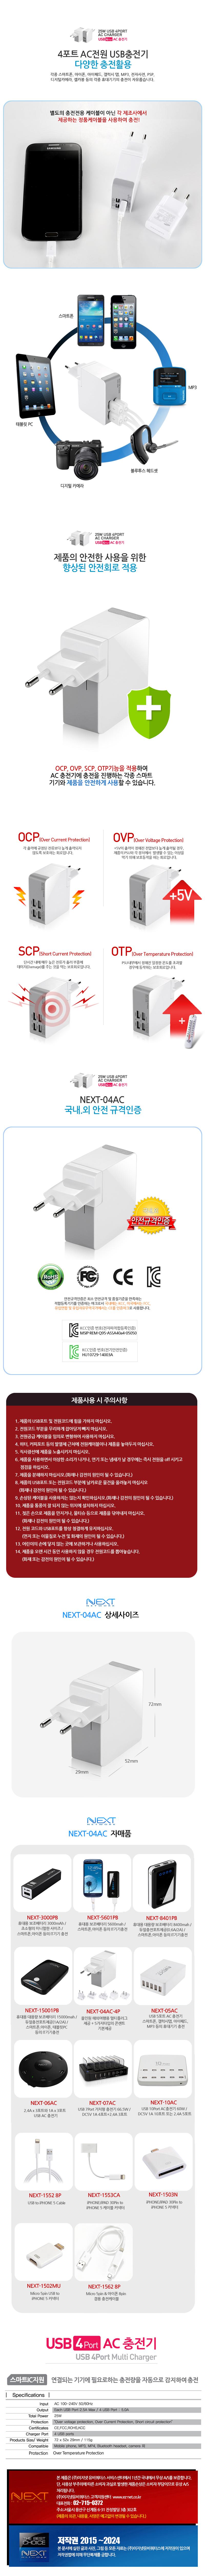 이지넷유비쿼터스 넥스트 25W 2.5A 4포트 충전기 NEXT-04AC-4P